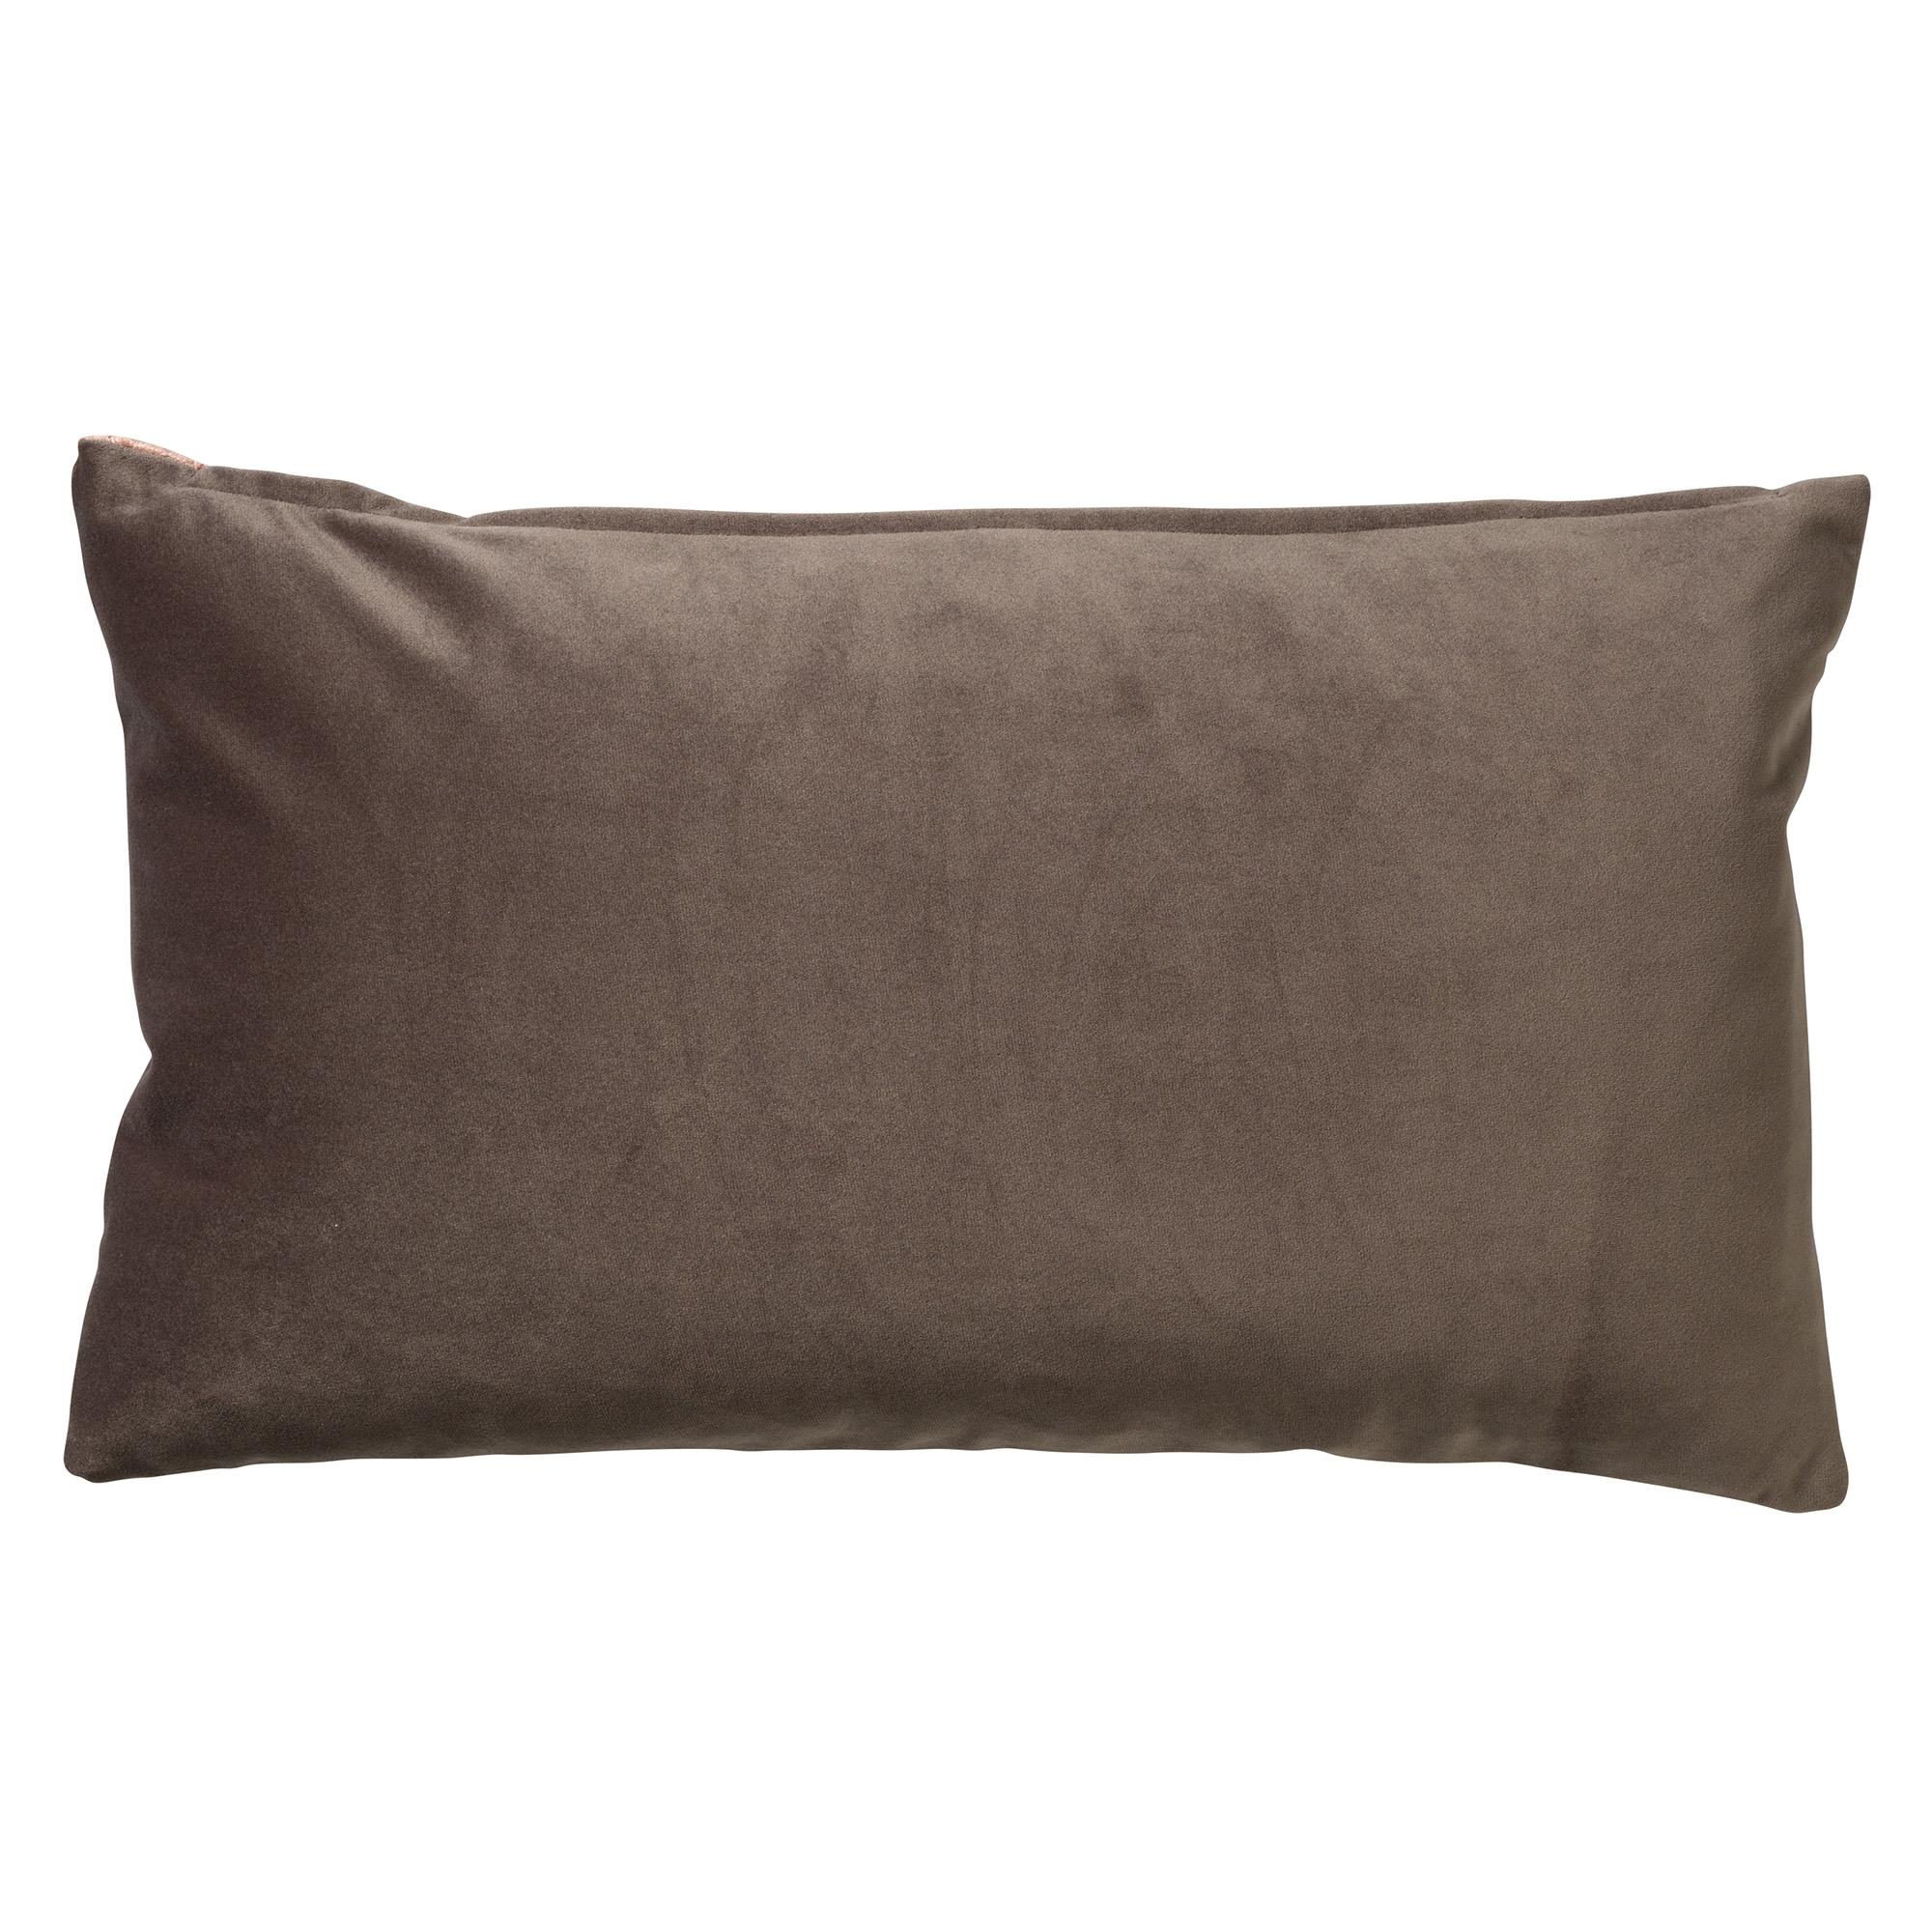 ELISA - Sierkussen velvet Muted Clay 30x50 cm